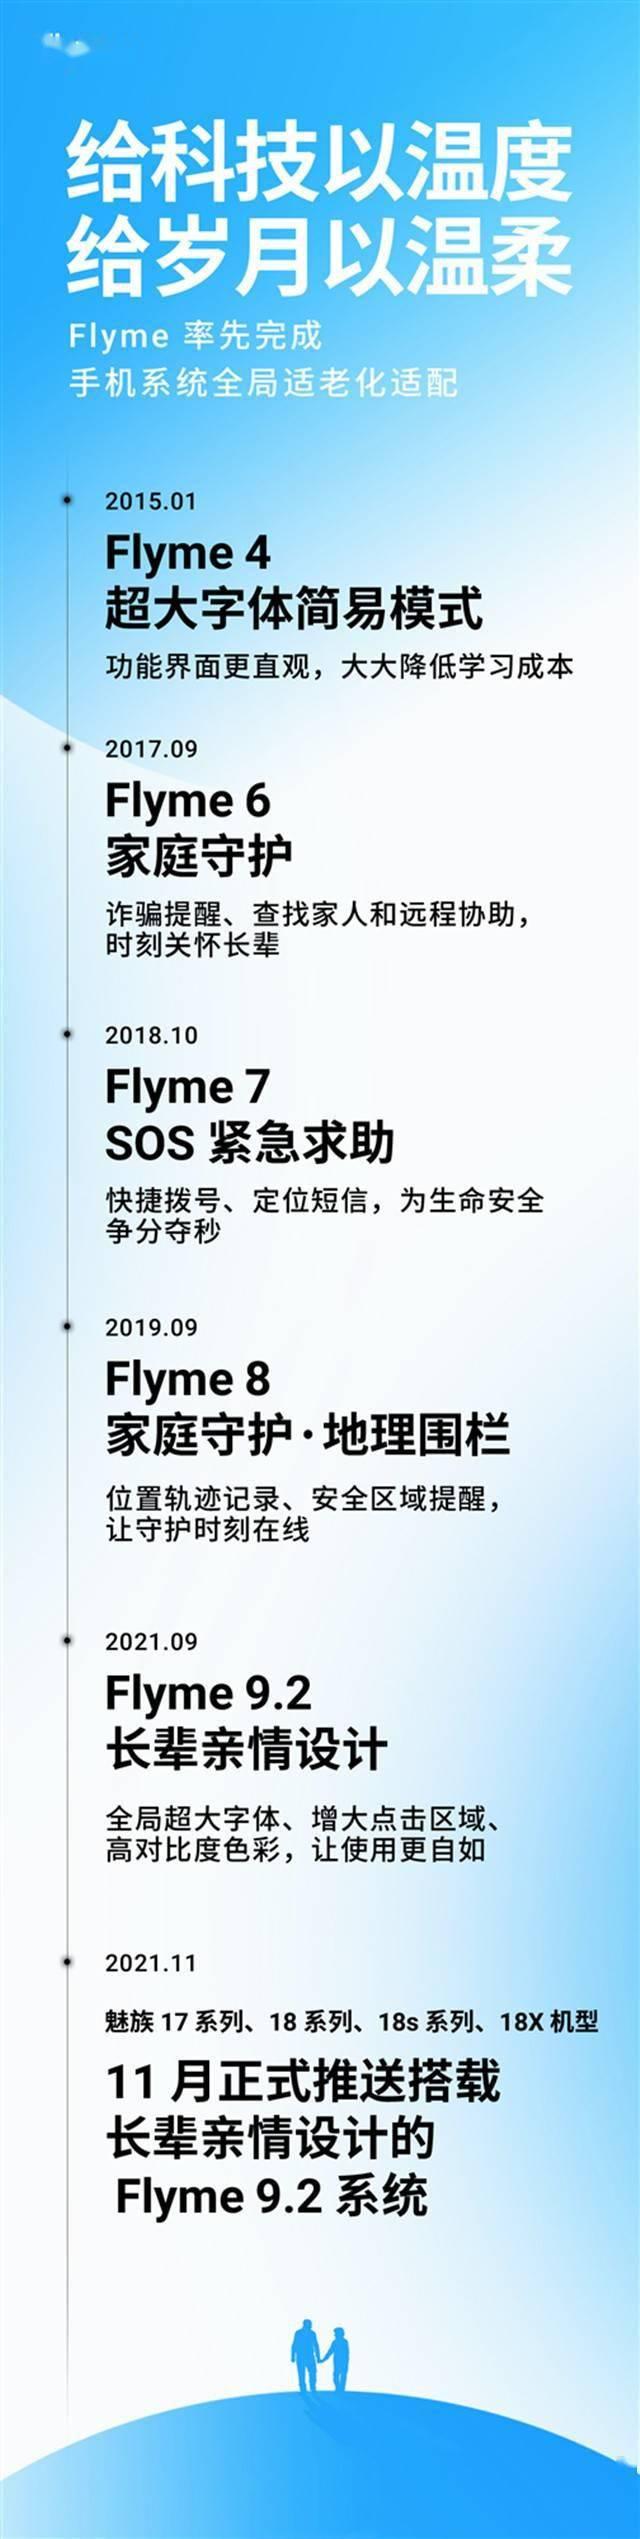 适逢重阳节 魅族率先完成Flyme系统适老化适配